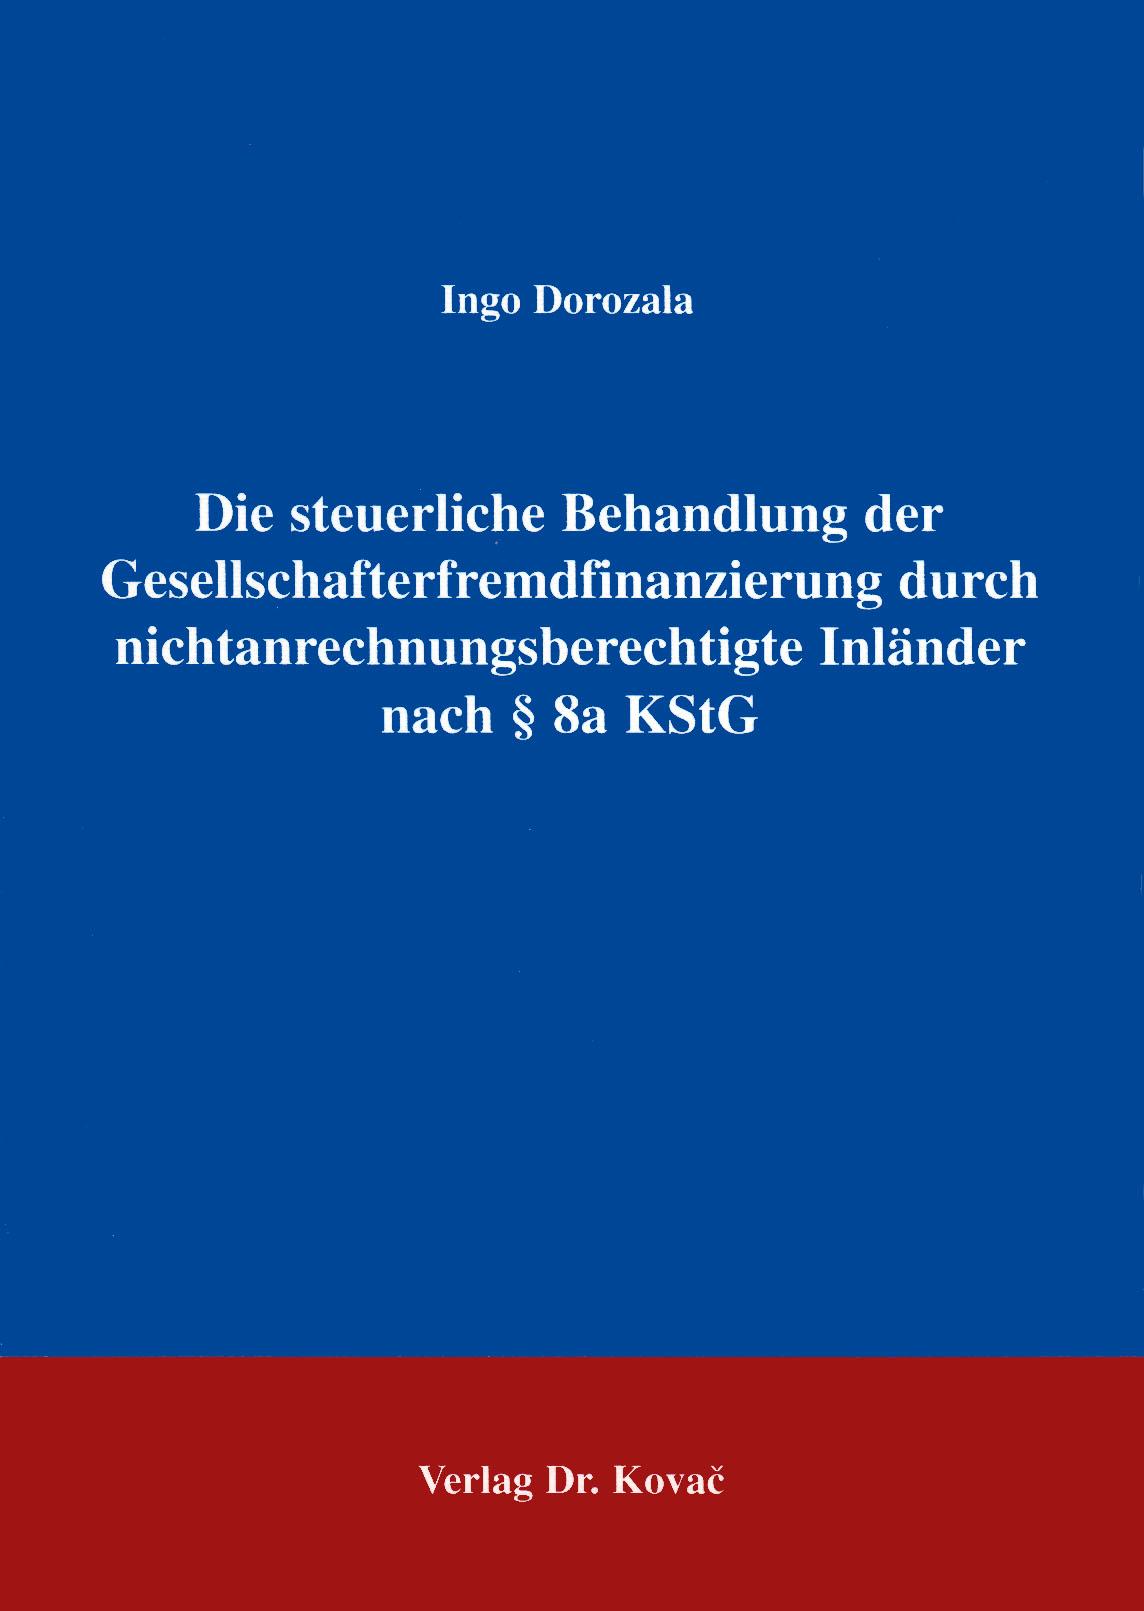 Cover: Die steuerliche Behandlung der Gesellschafterfinanzierung nach §8a KStG